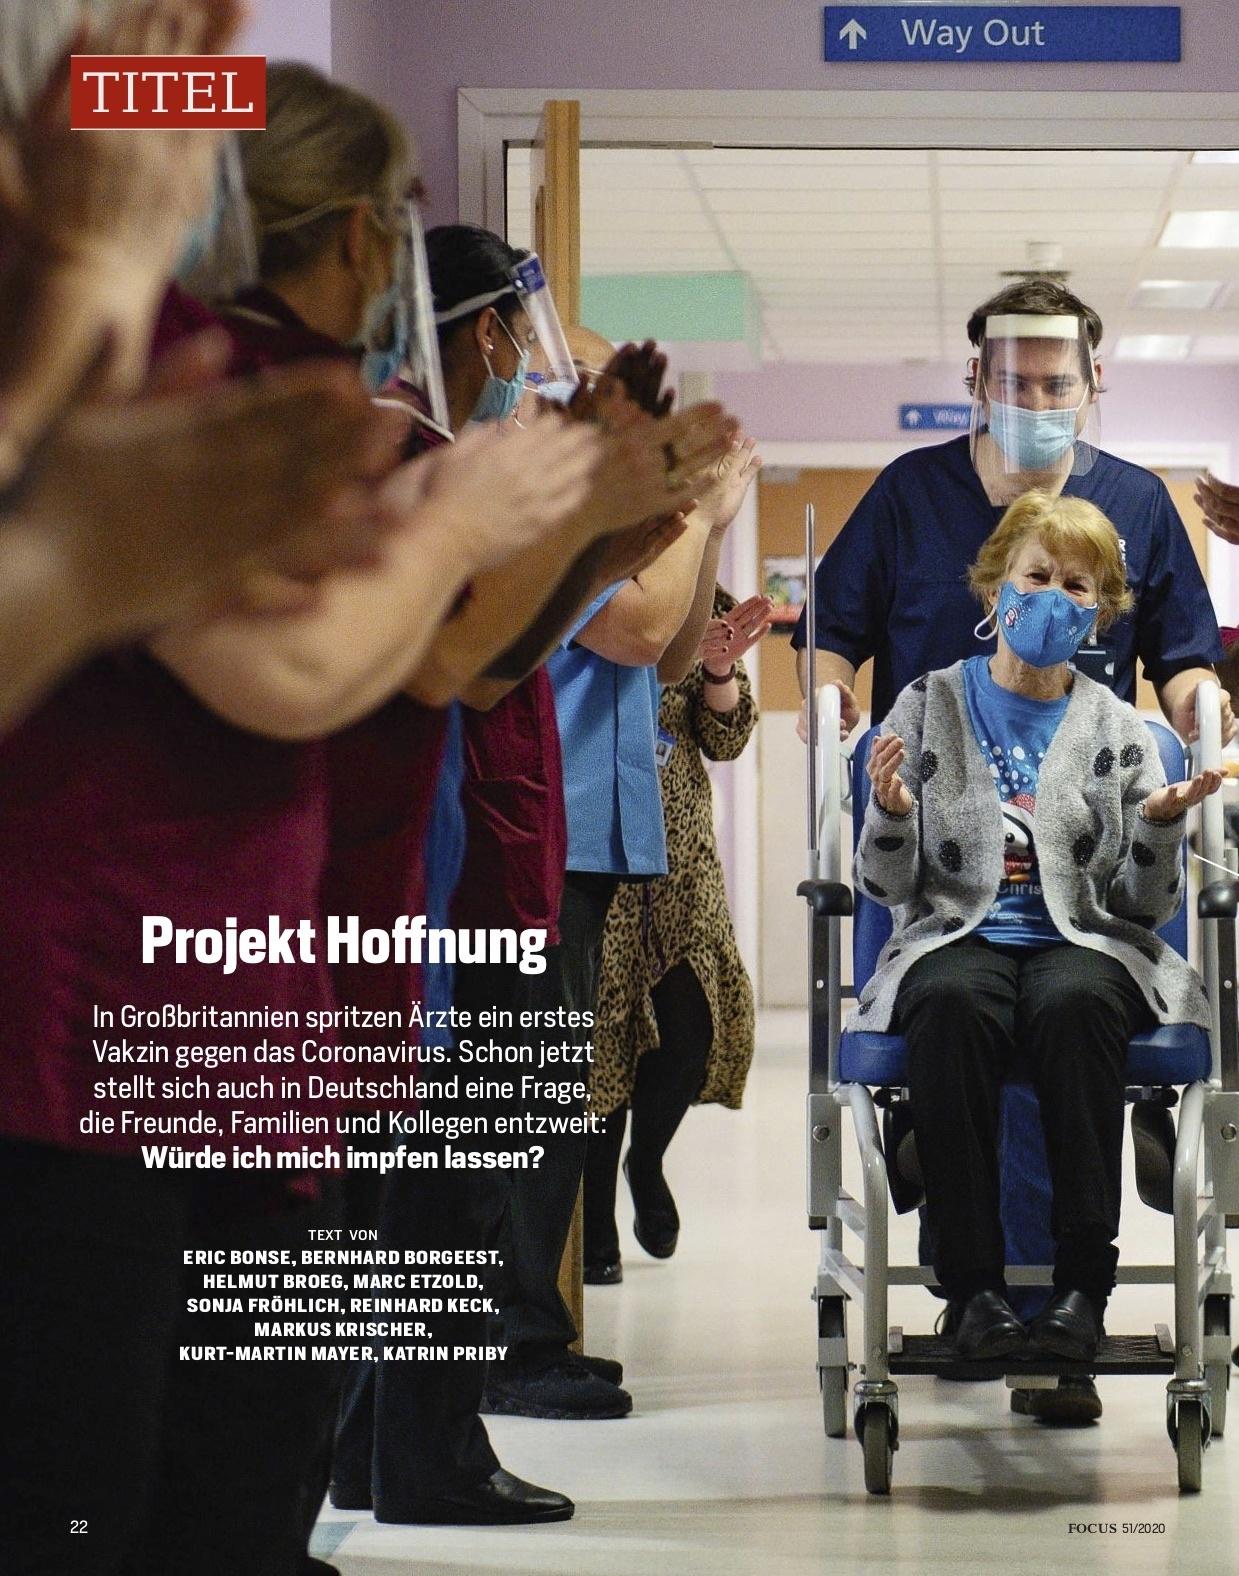 FOCUS Magazin FOCUS Magazin - Impfen?